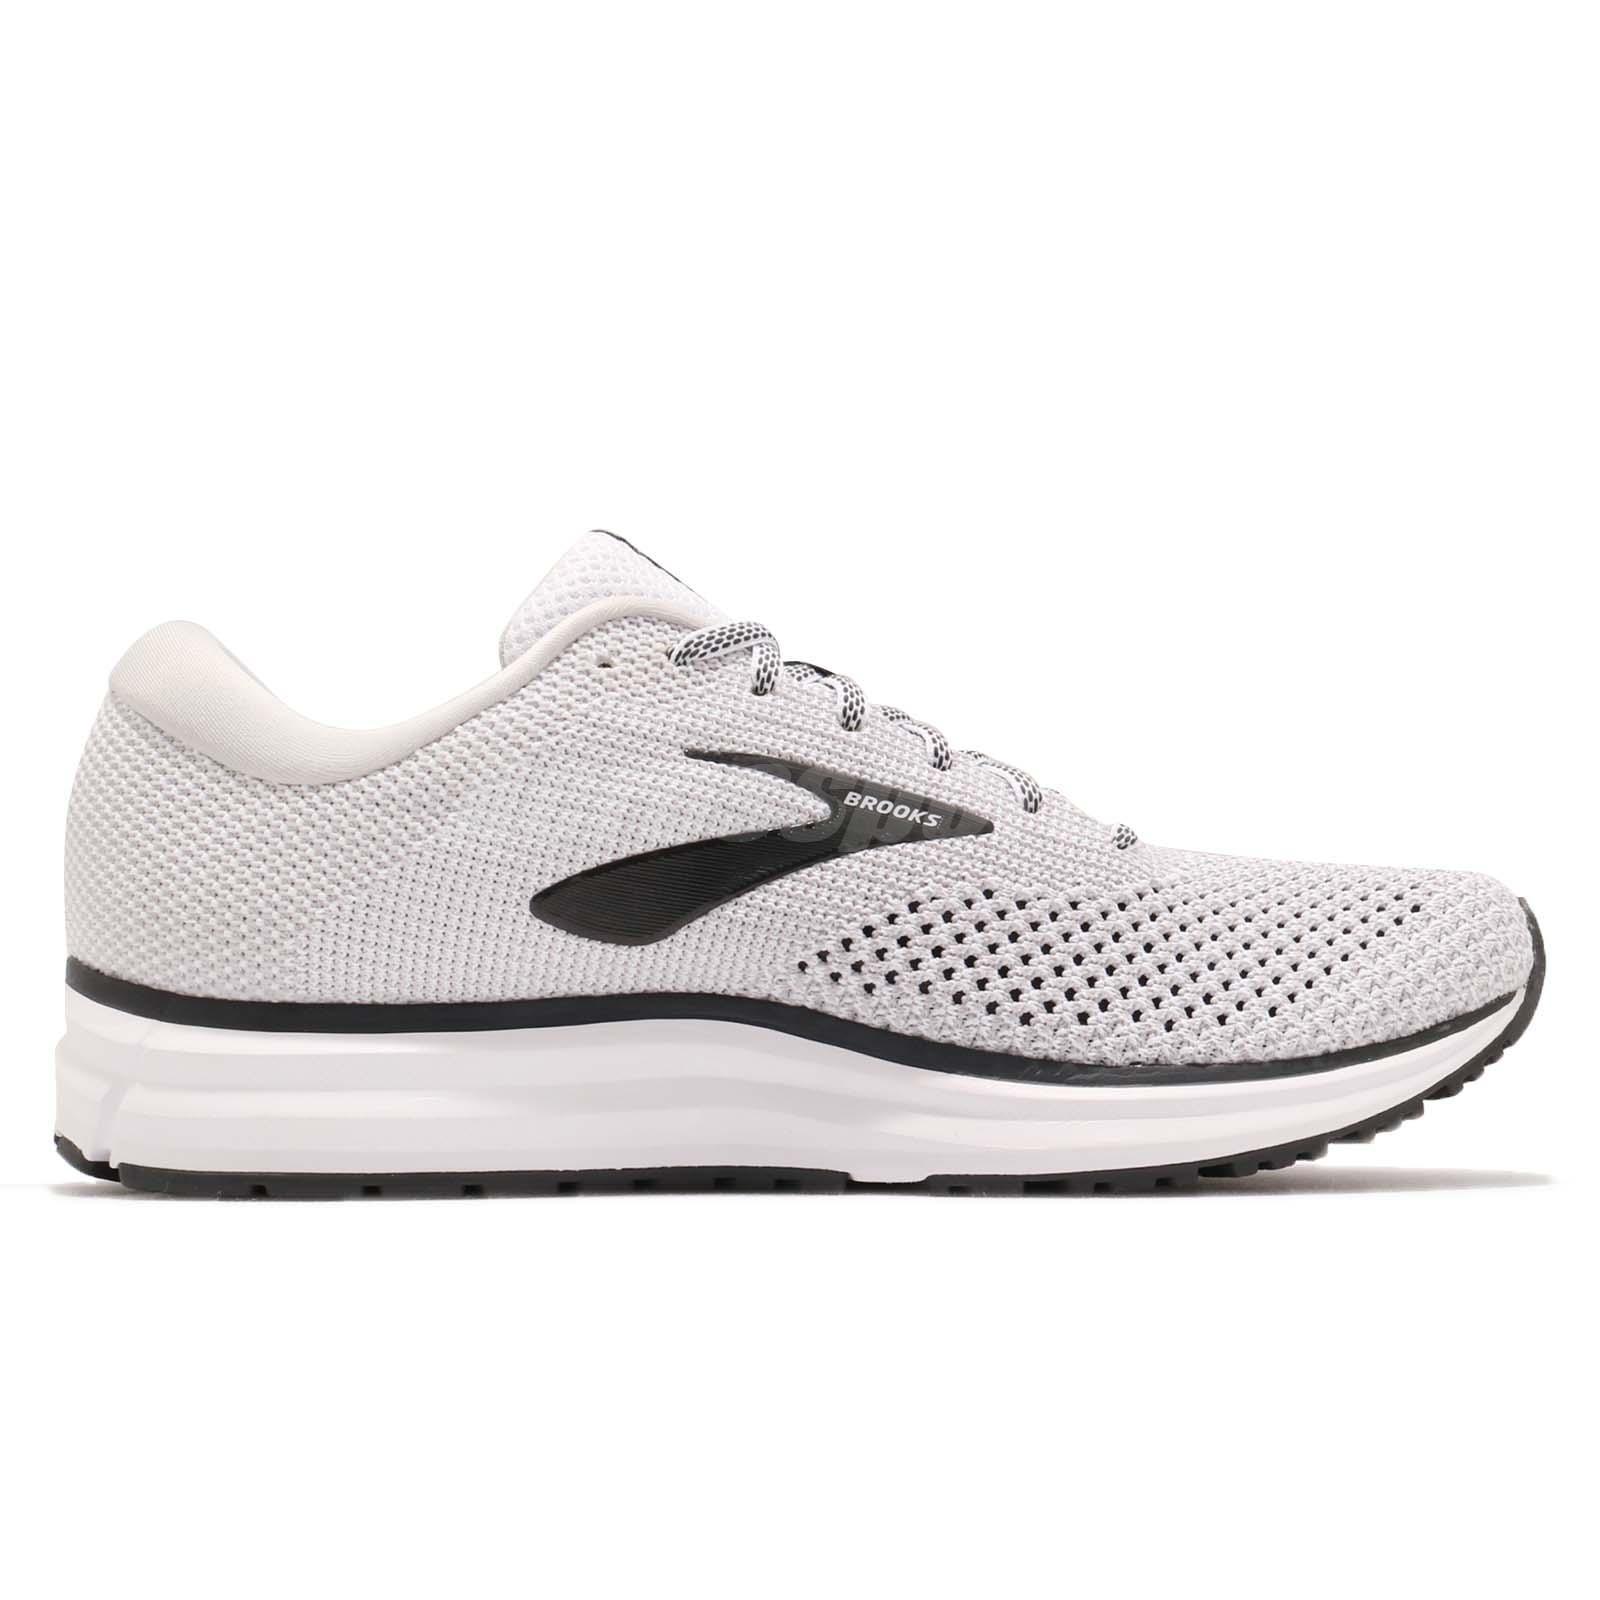 65cb3d2d2cd Brooks Revel 2 White Grey Black Men Running Training Shoes Sneakers ...